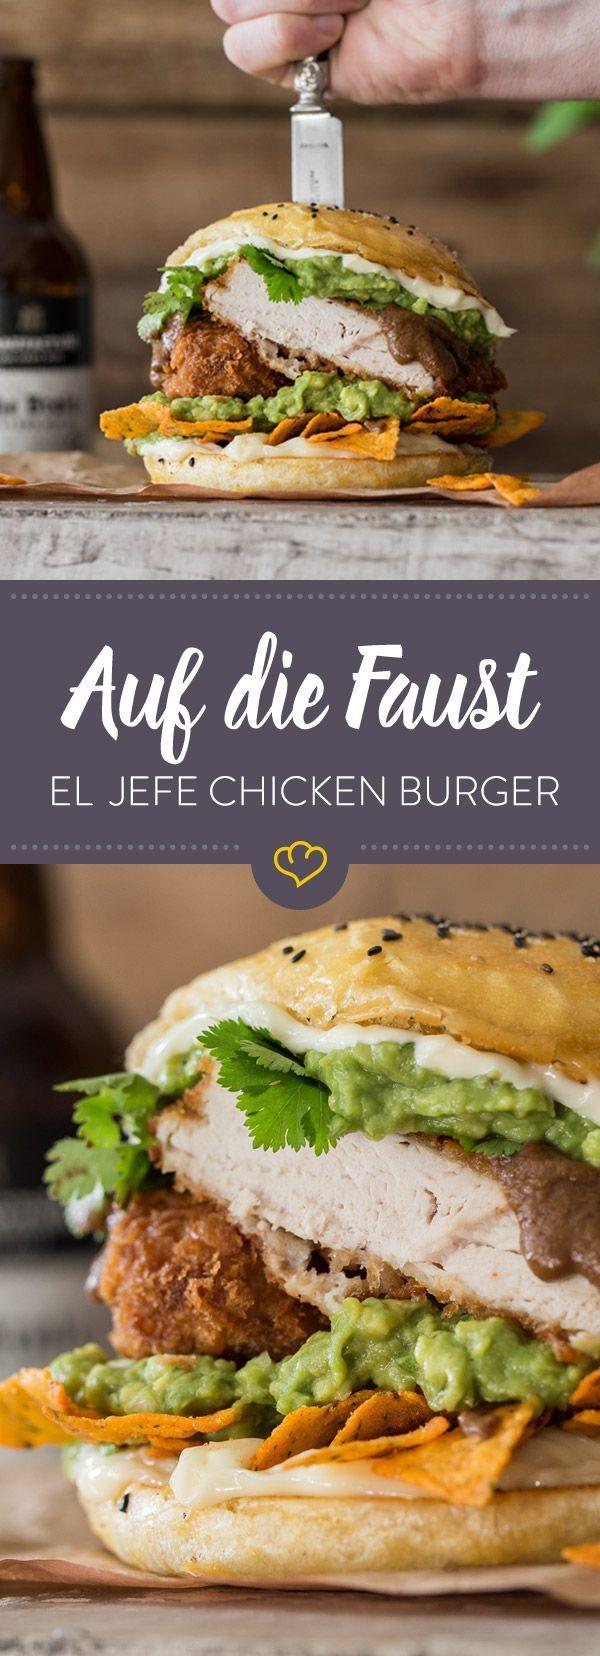 Auf Die Faust El Jefe Chicken Burger Rezept Mexikanische Burger Rezepte Kochrezepte